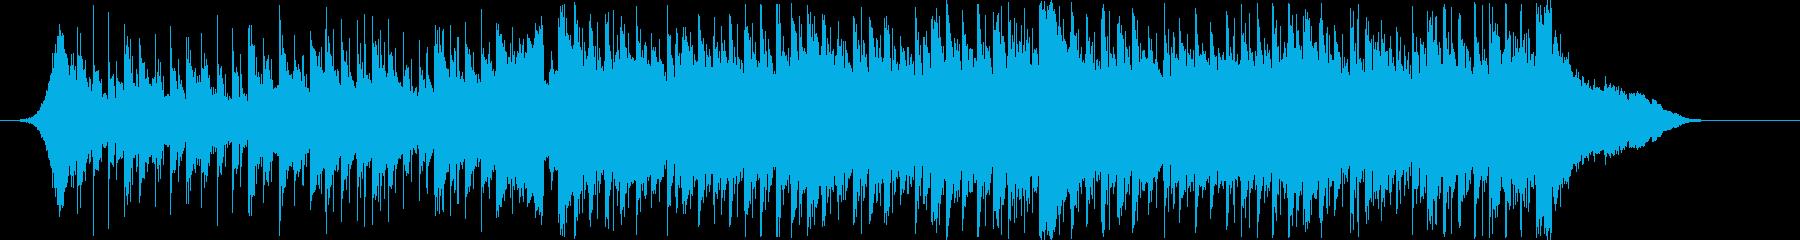 爽やか躍動感ピアノフルートコーポレートCの再生済みの波形